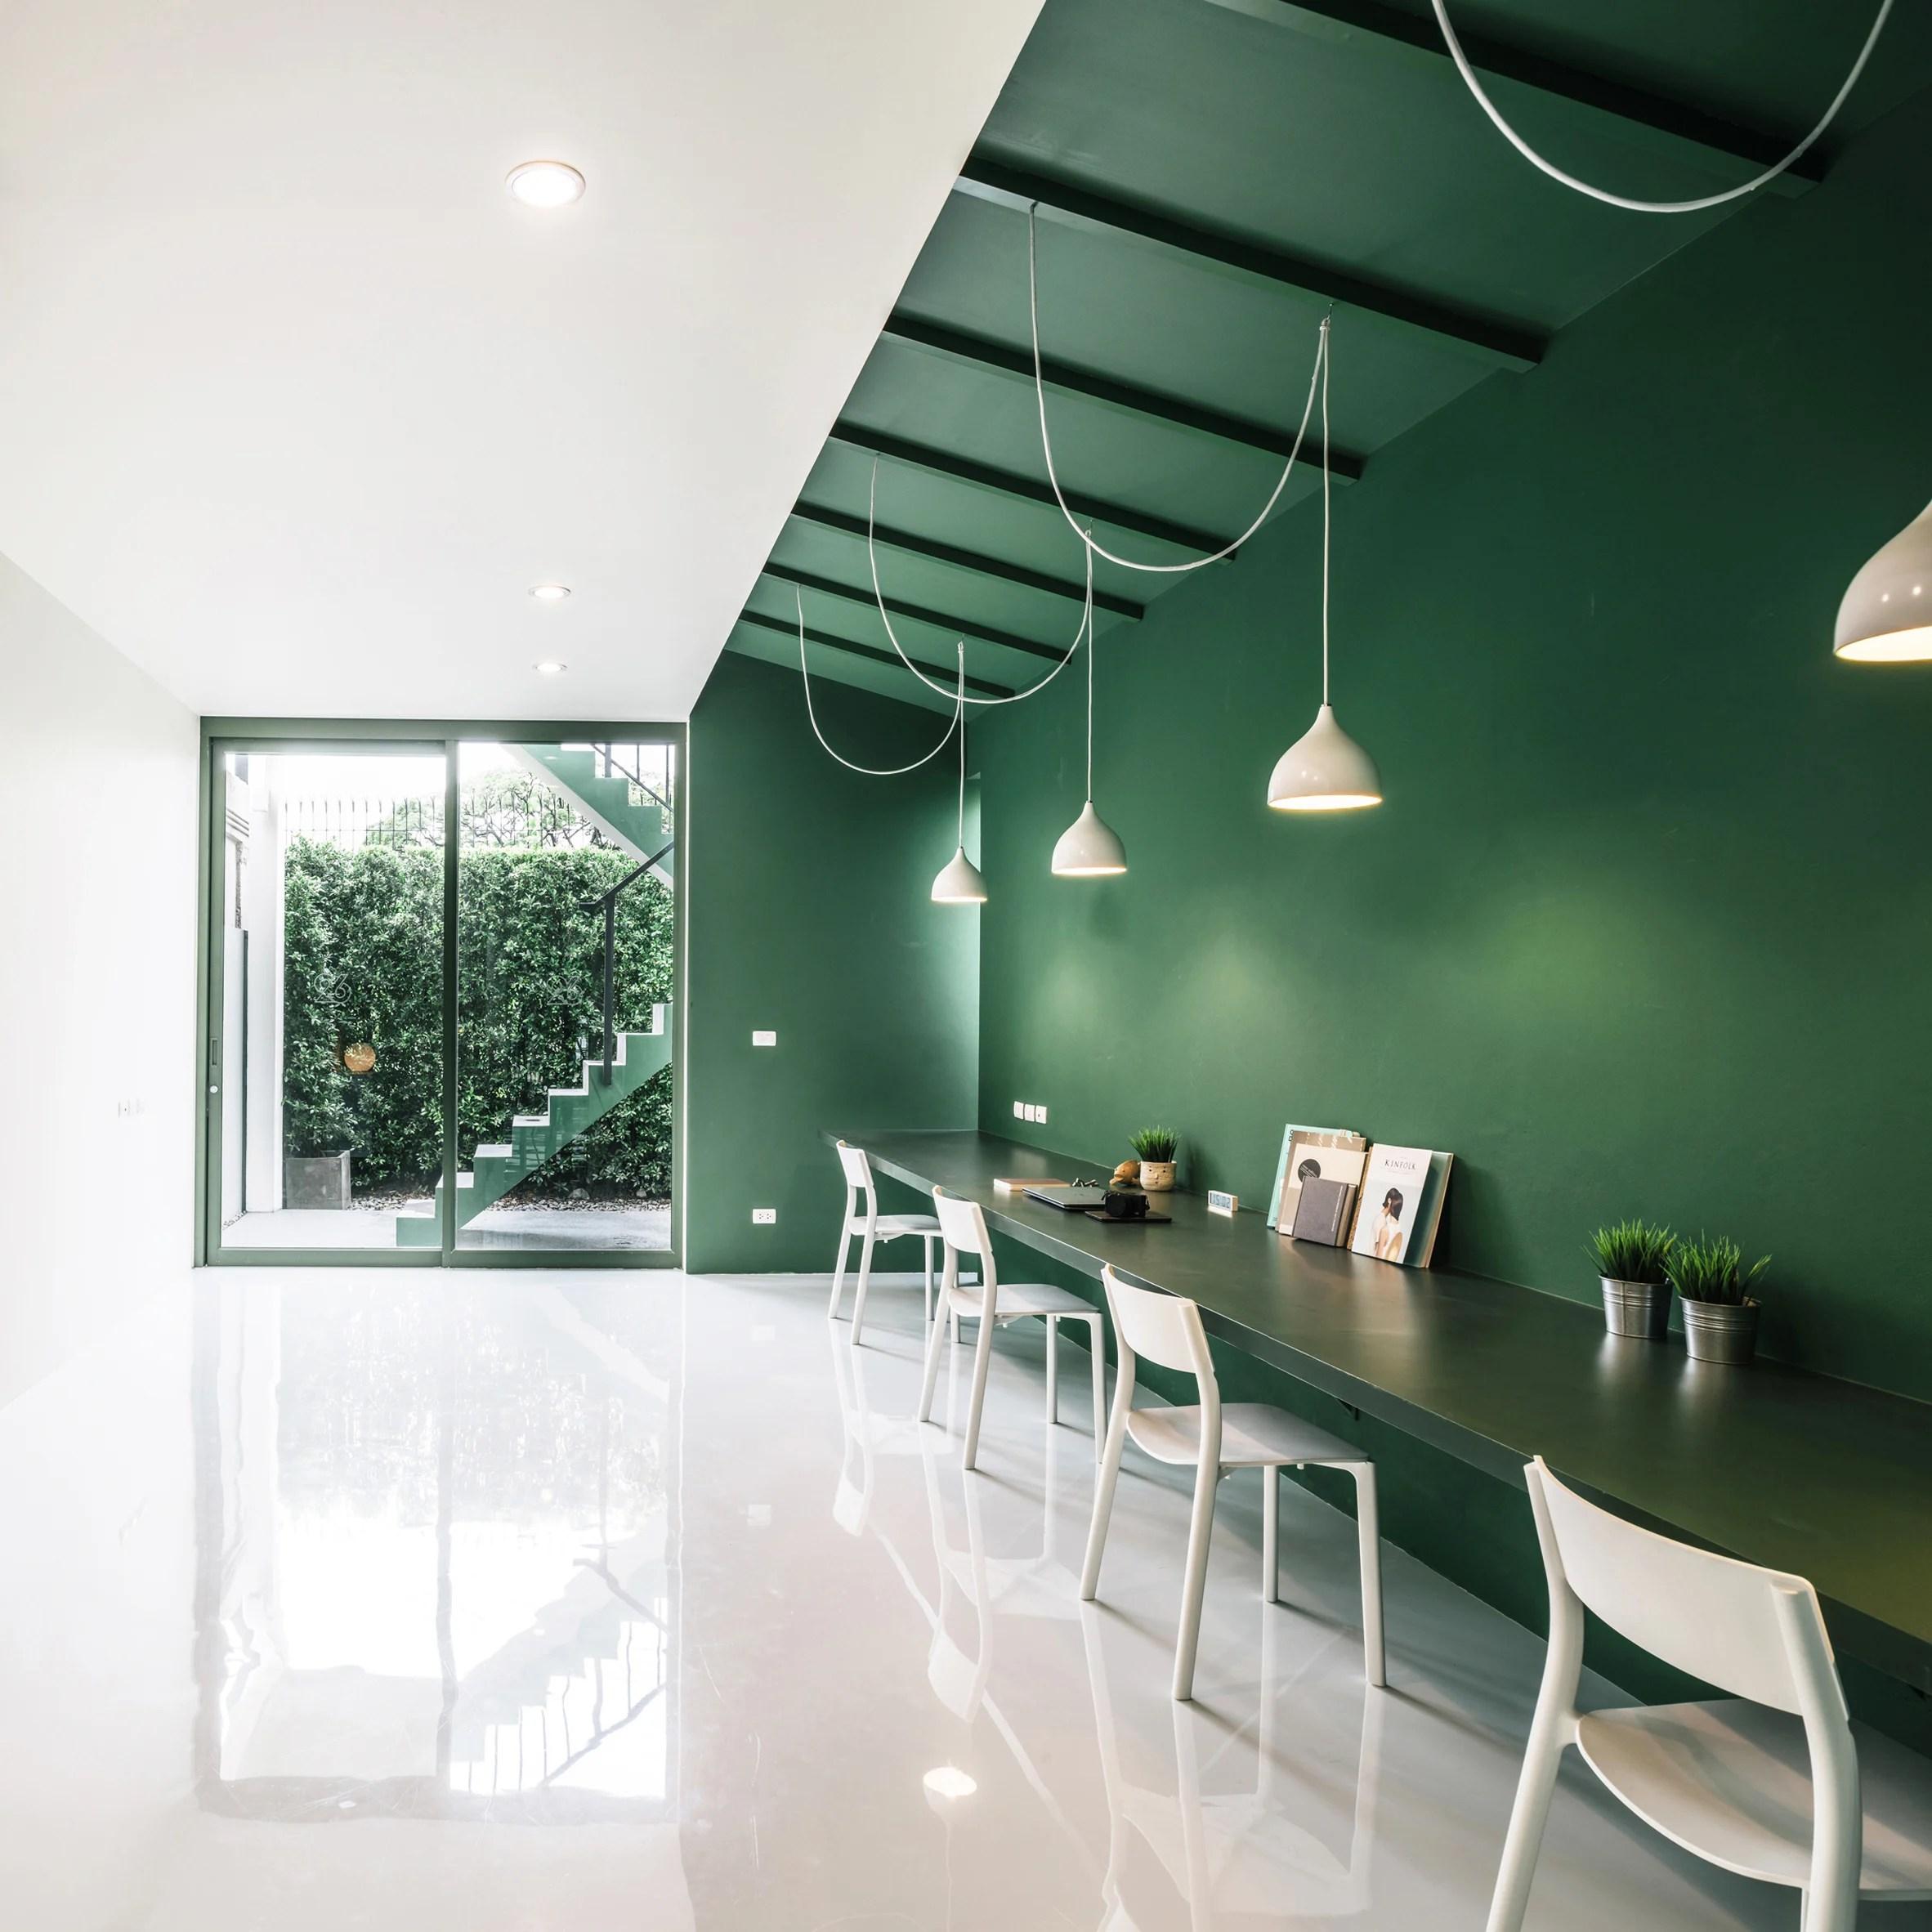 Best Kitchen Gallery: Web Design Workspaces Workspace Office Interior Web Design of Interior Design Workspace  on rachelxblog.com